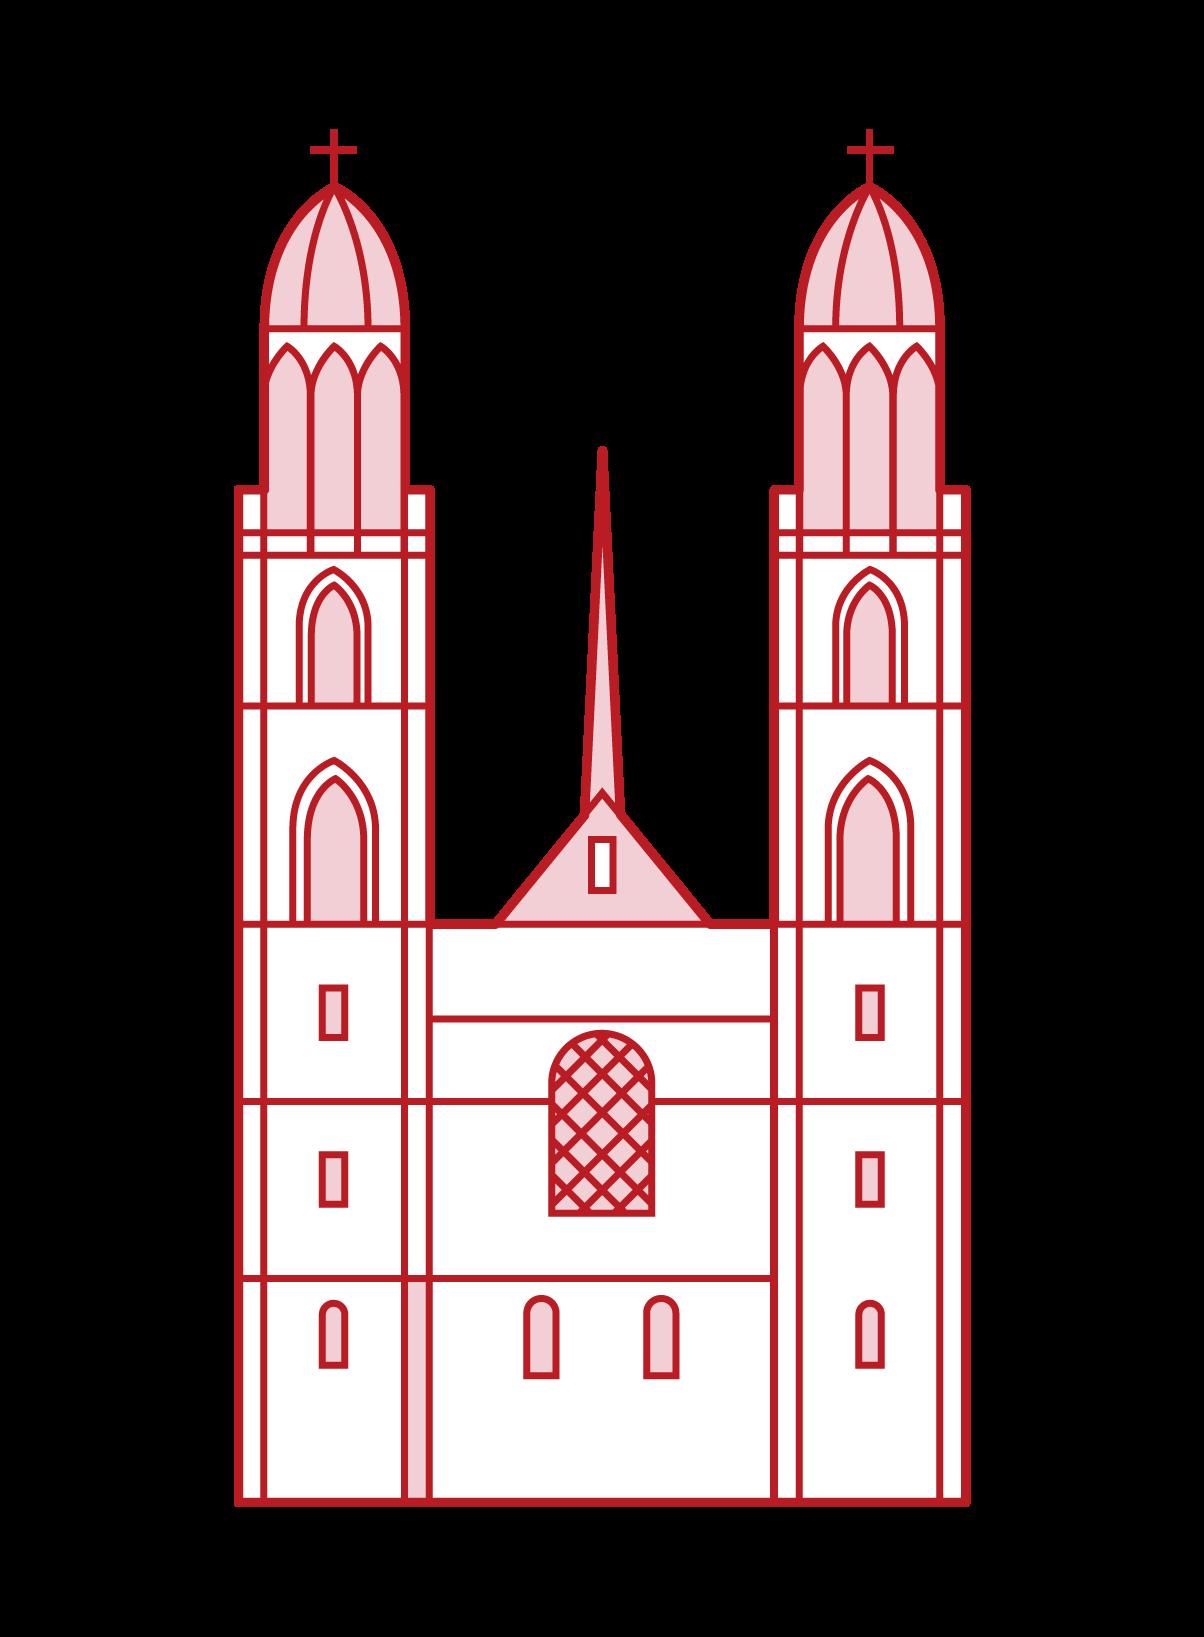 格羅斯明斯特大教堂的插圖